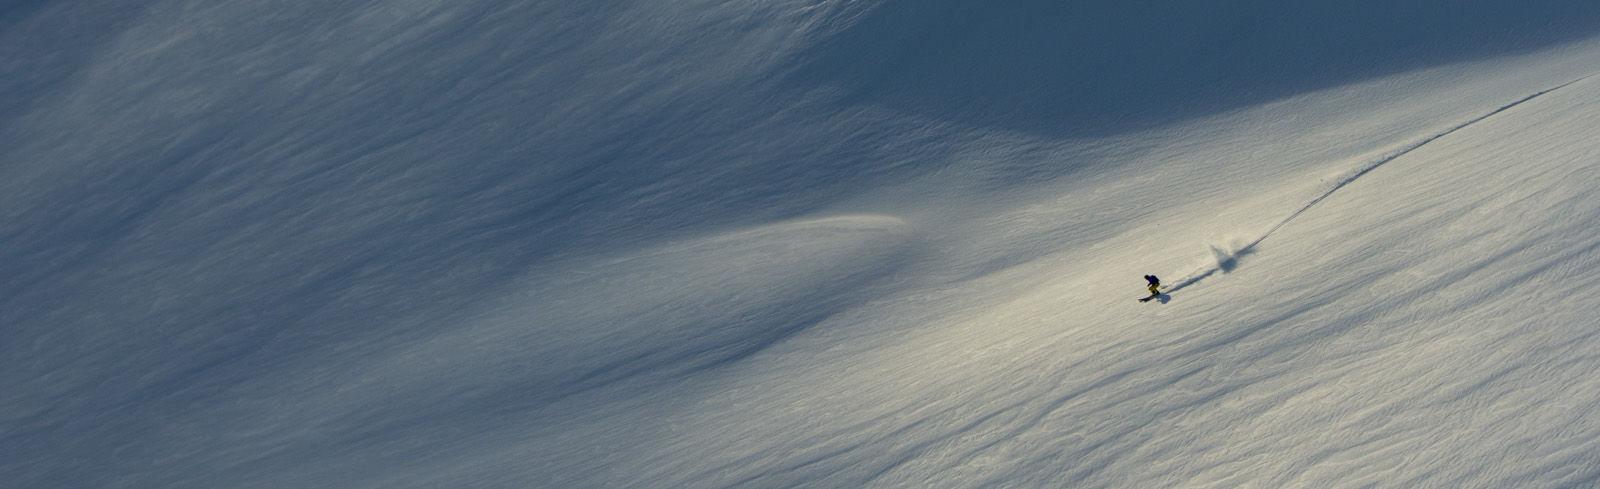 Lofoten in wintertime